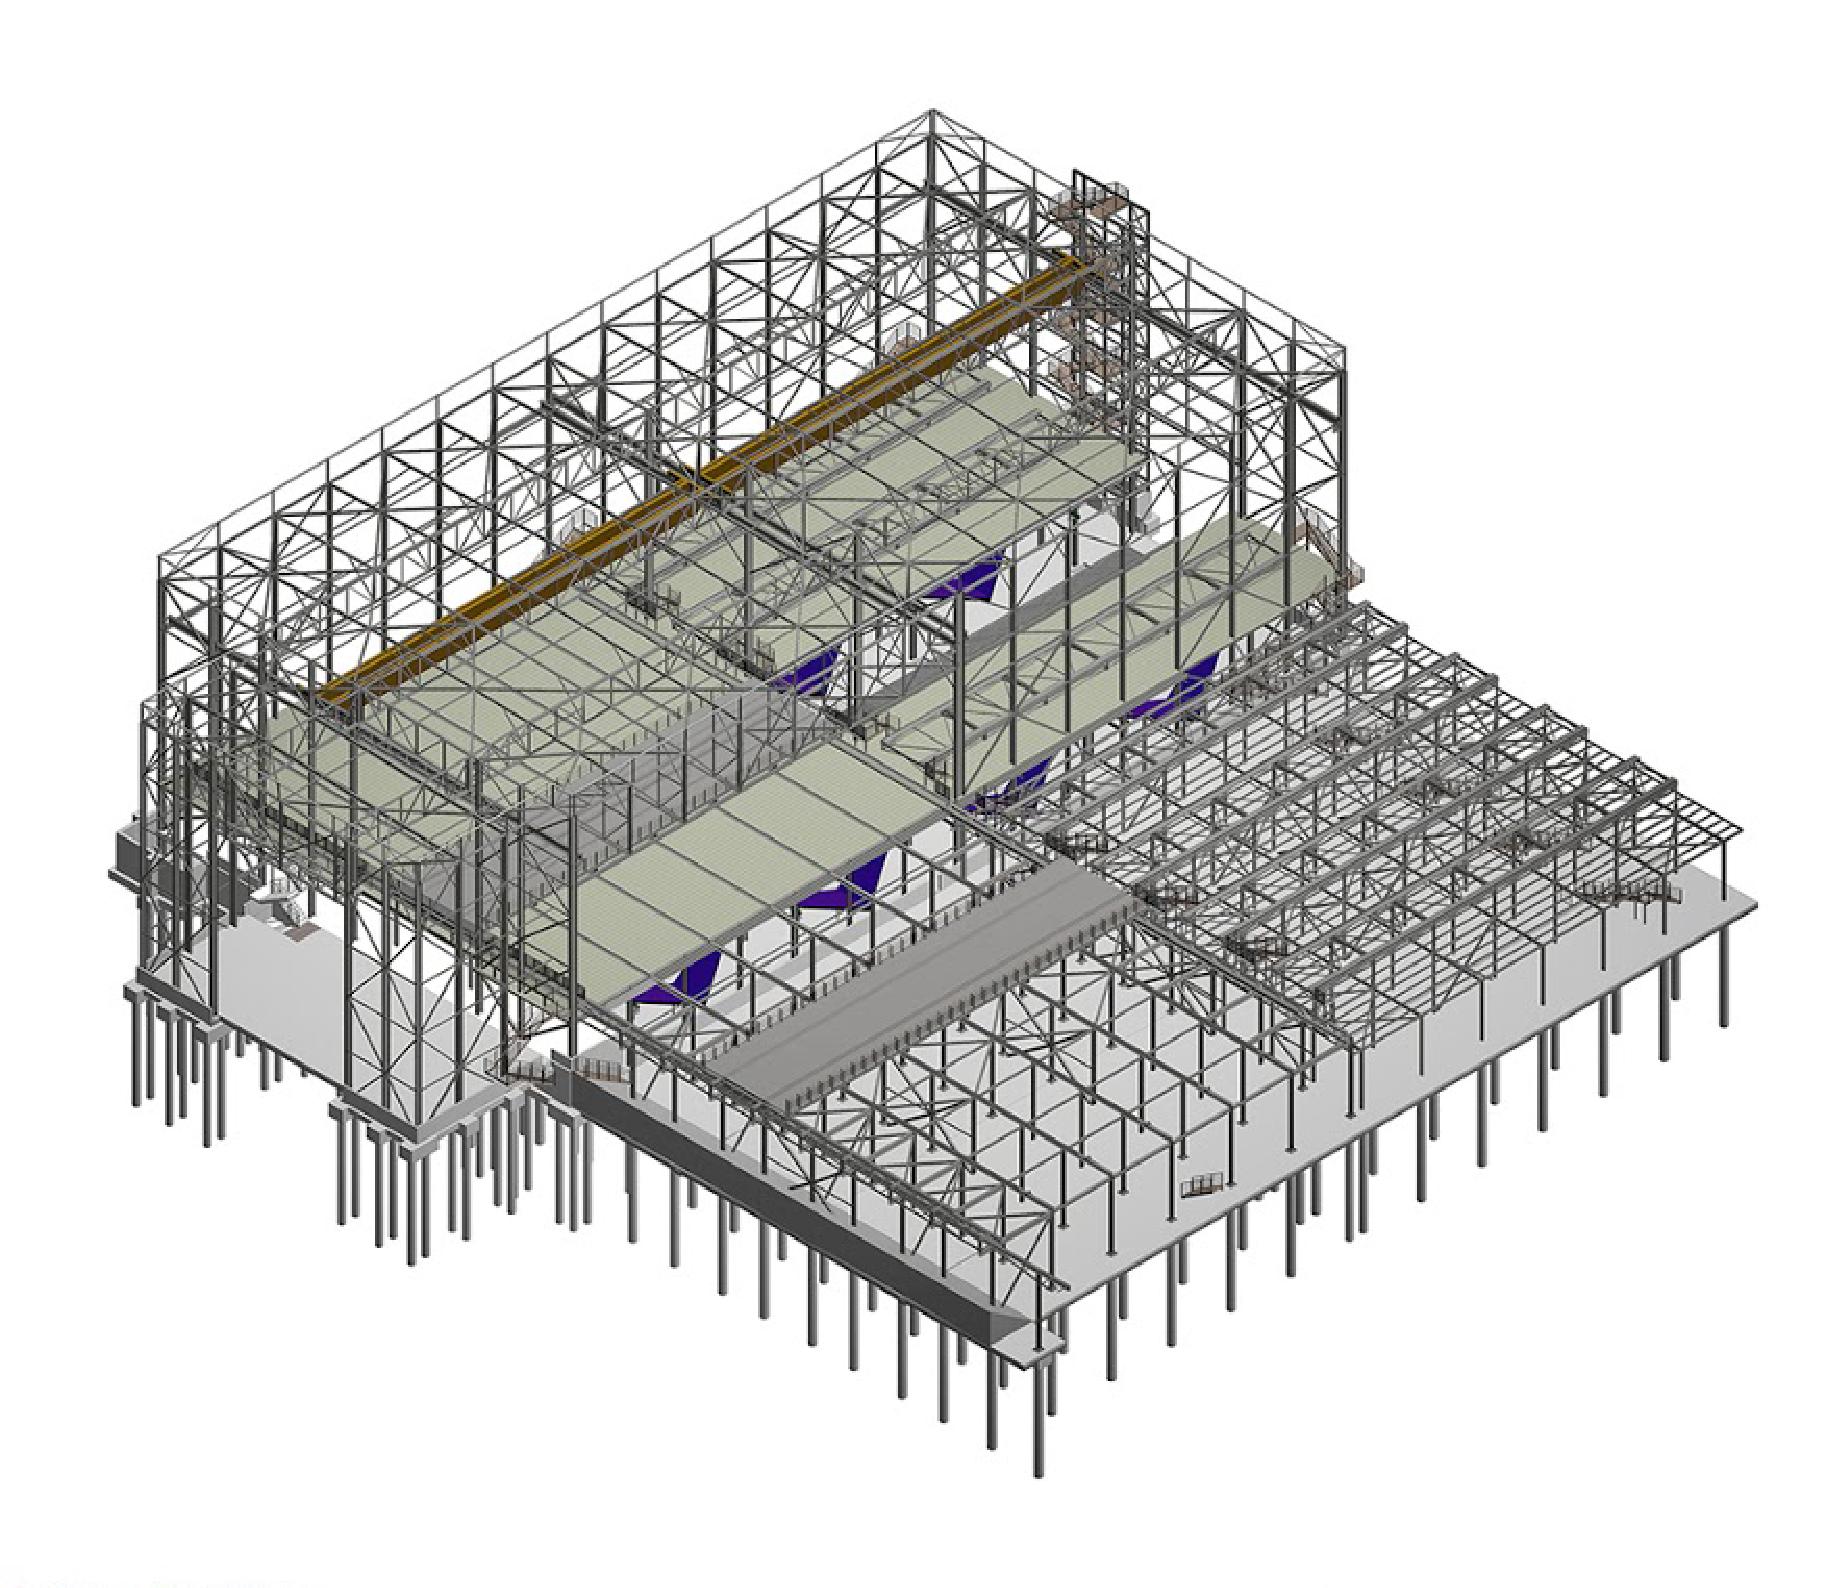 גוטמן מהנדסים | תכנון מבני פלדה: קונסטרוקצית פלדה, תכנון מבני פלדה